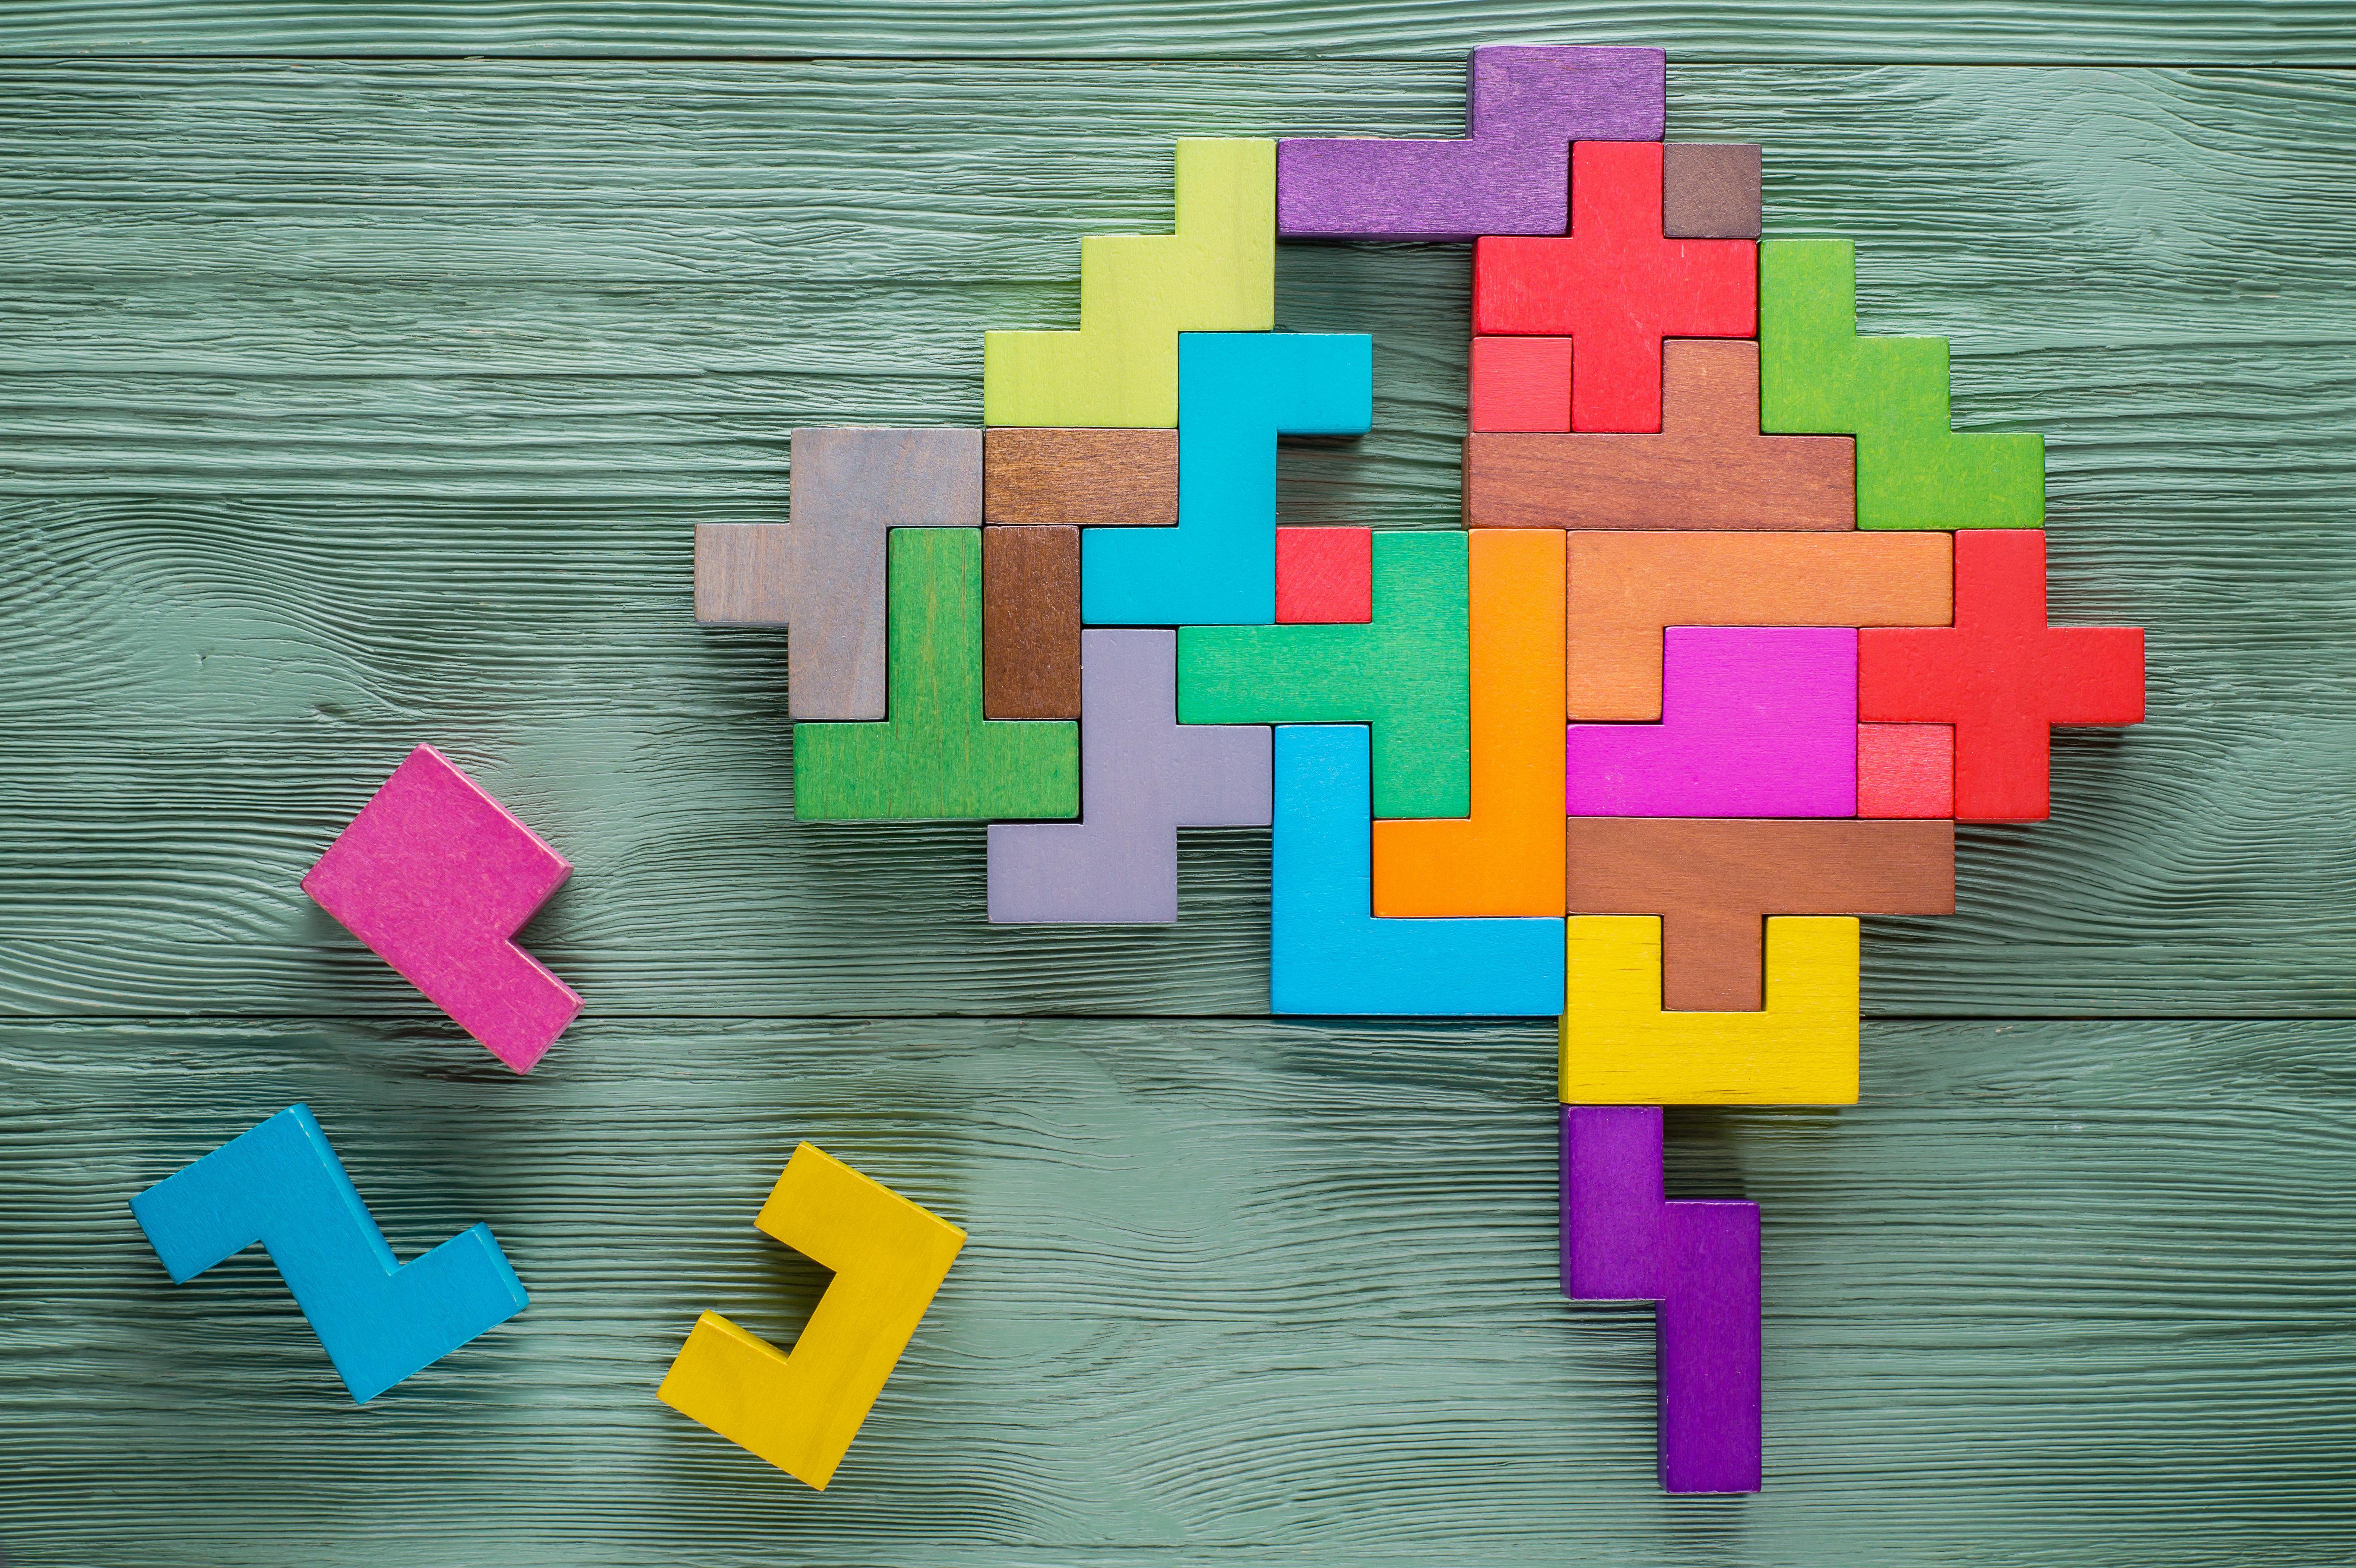 Τι είναι η νοητική ενδυνάμωση και πώς μπορεί να βοηθήσει έναν άνθρωπο που